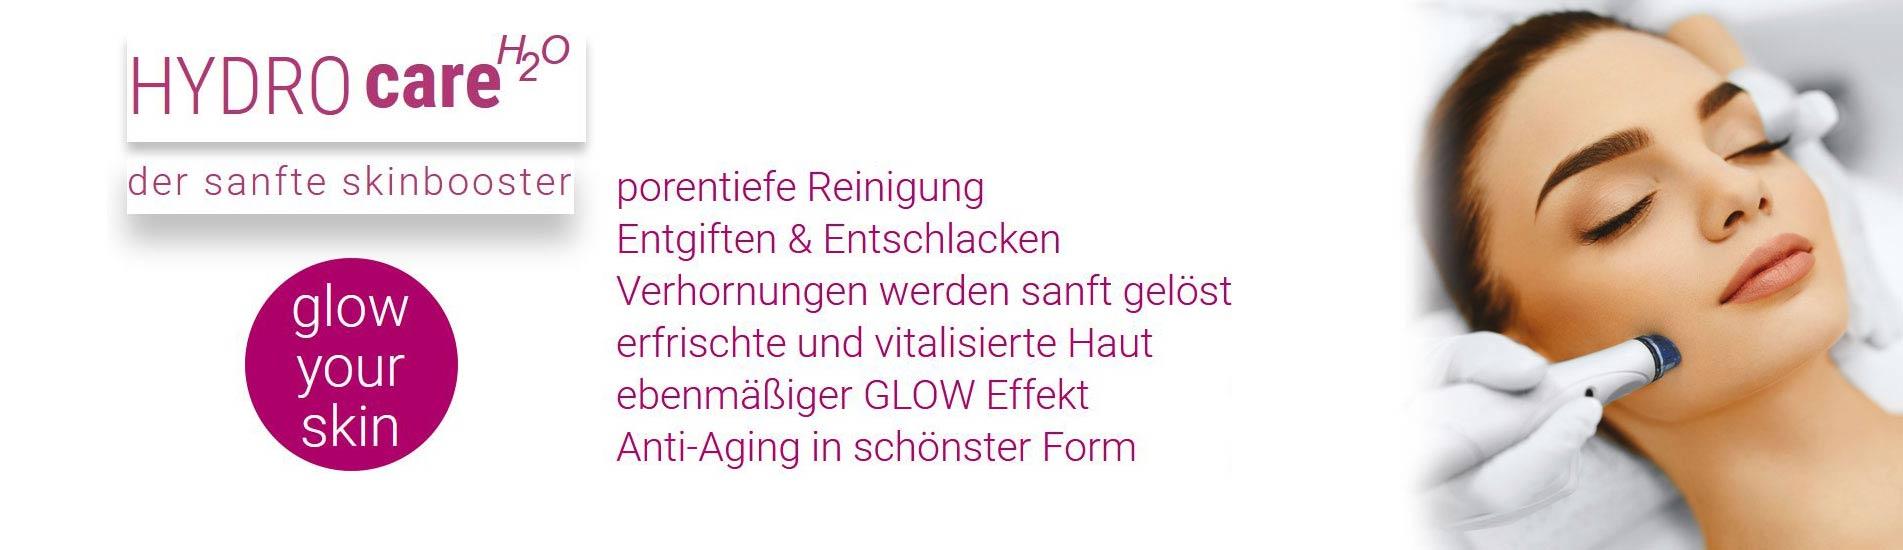 Hautarztpraxis am Roseneck - Hydrocare